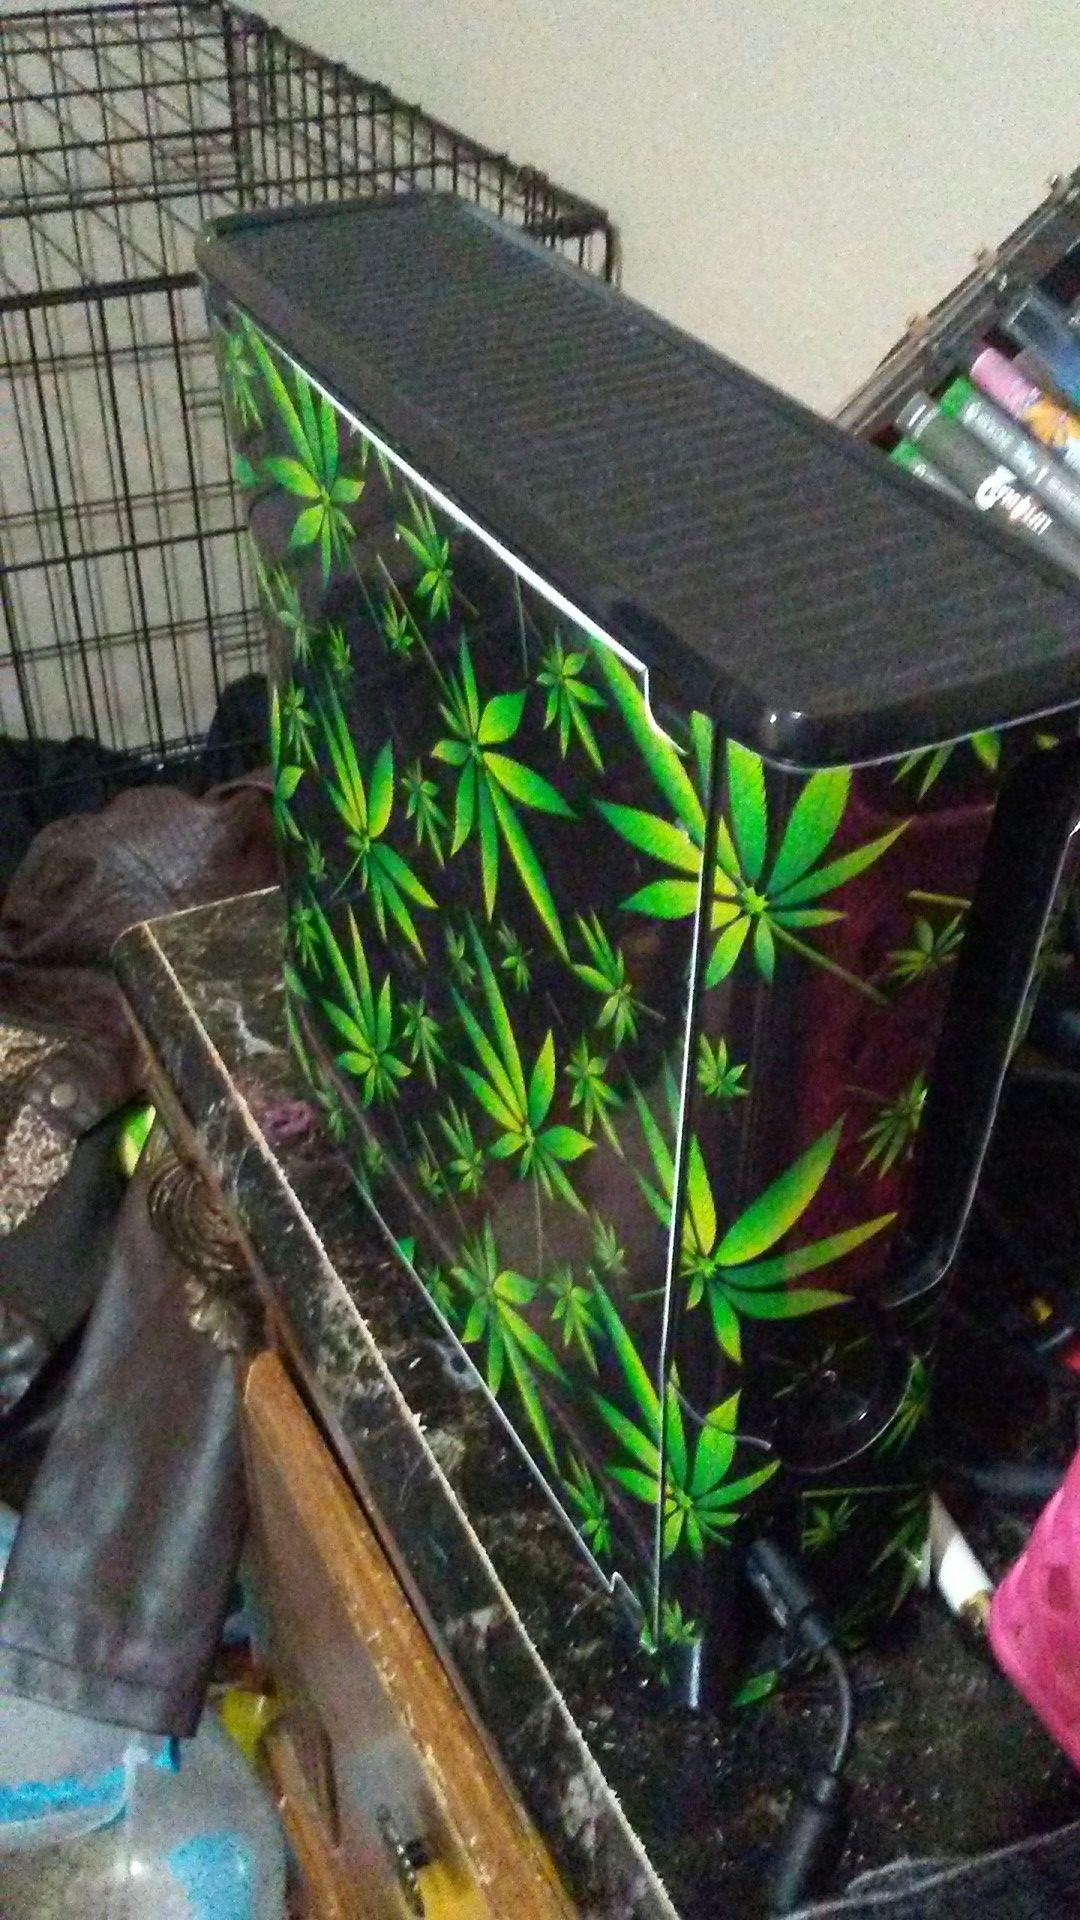 Broken weed xbox 360